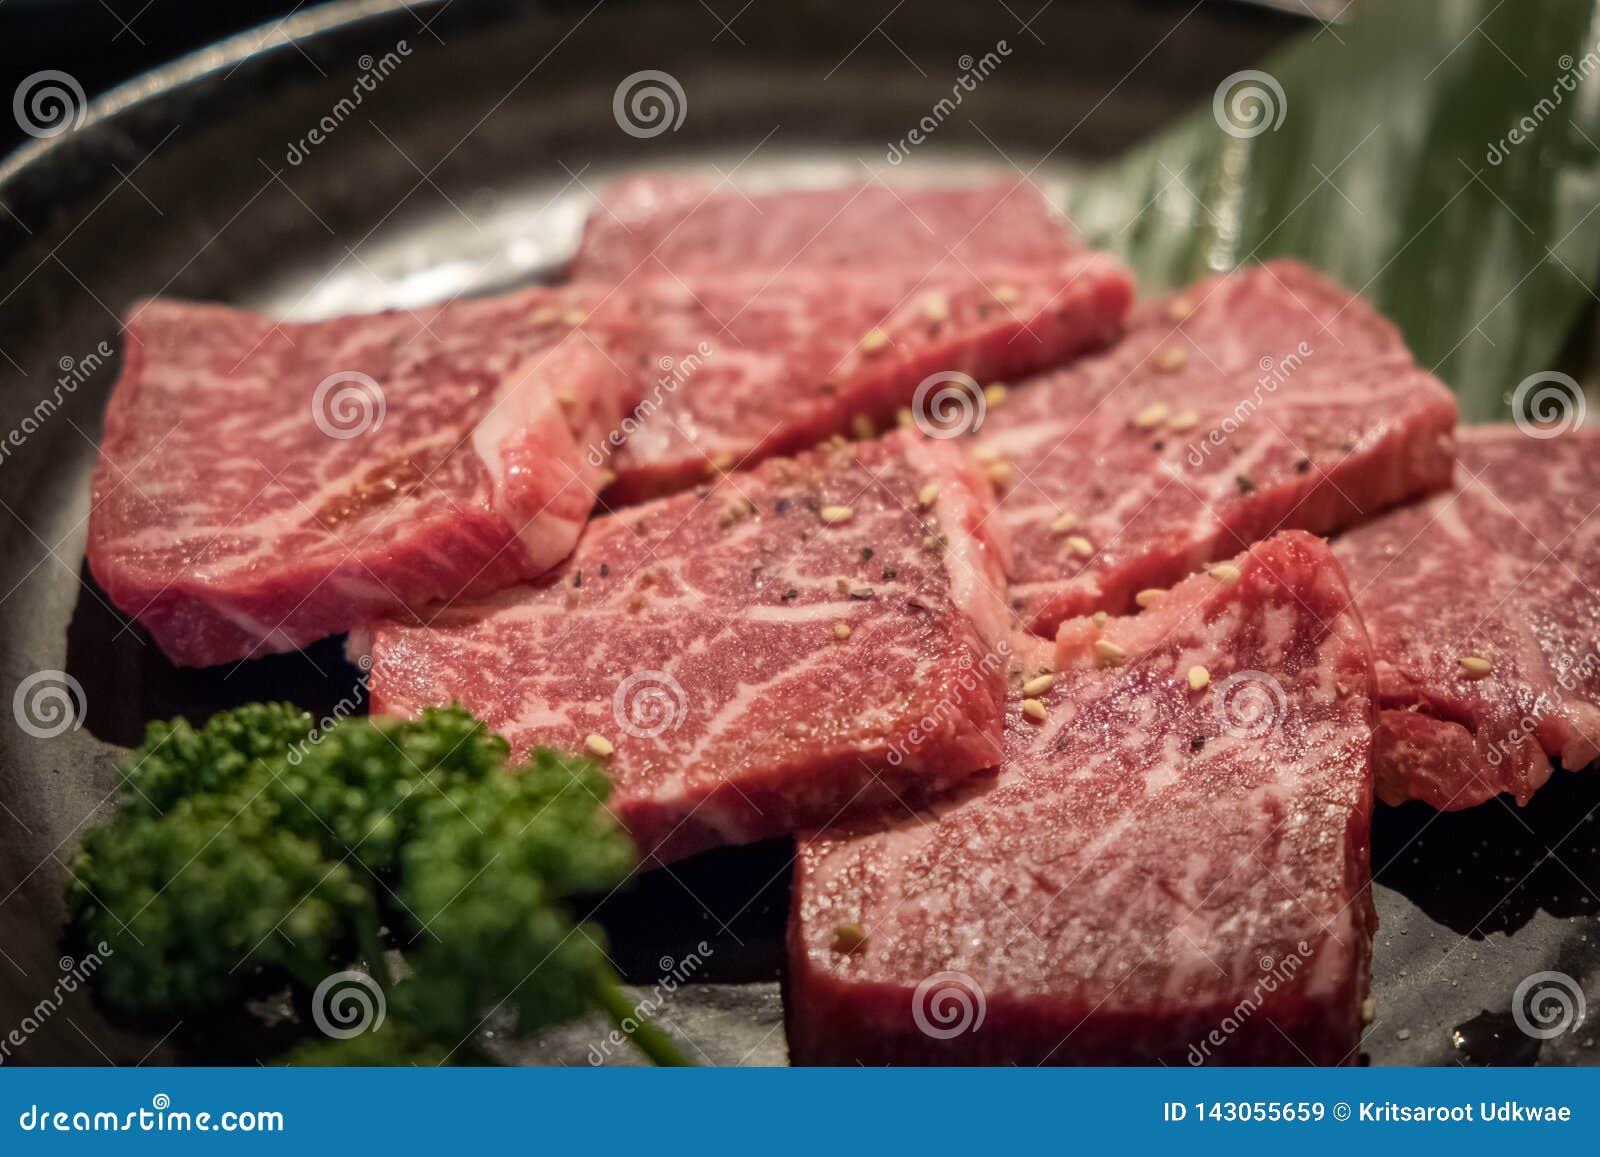 Close up of slice freshness marbled of Japanese Kobe Matsusaka beef